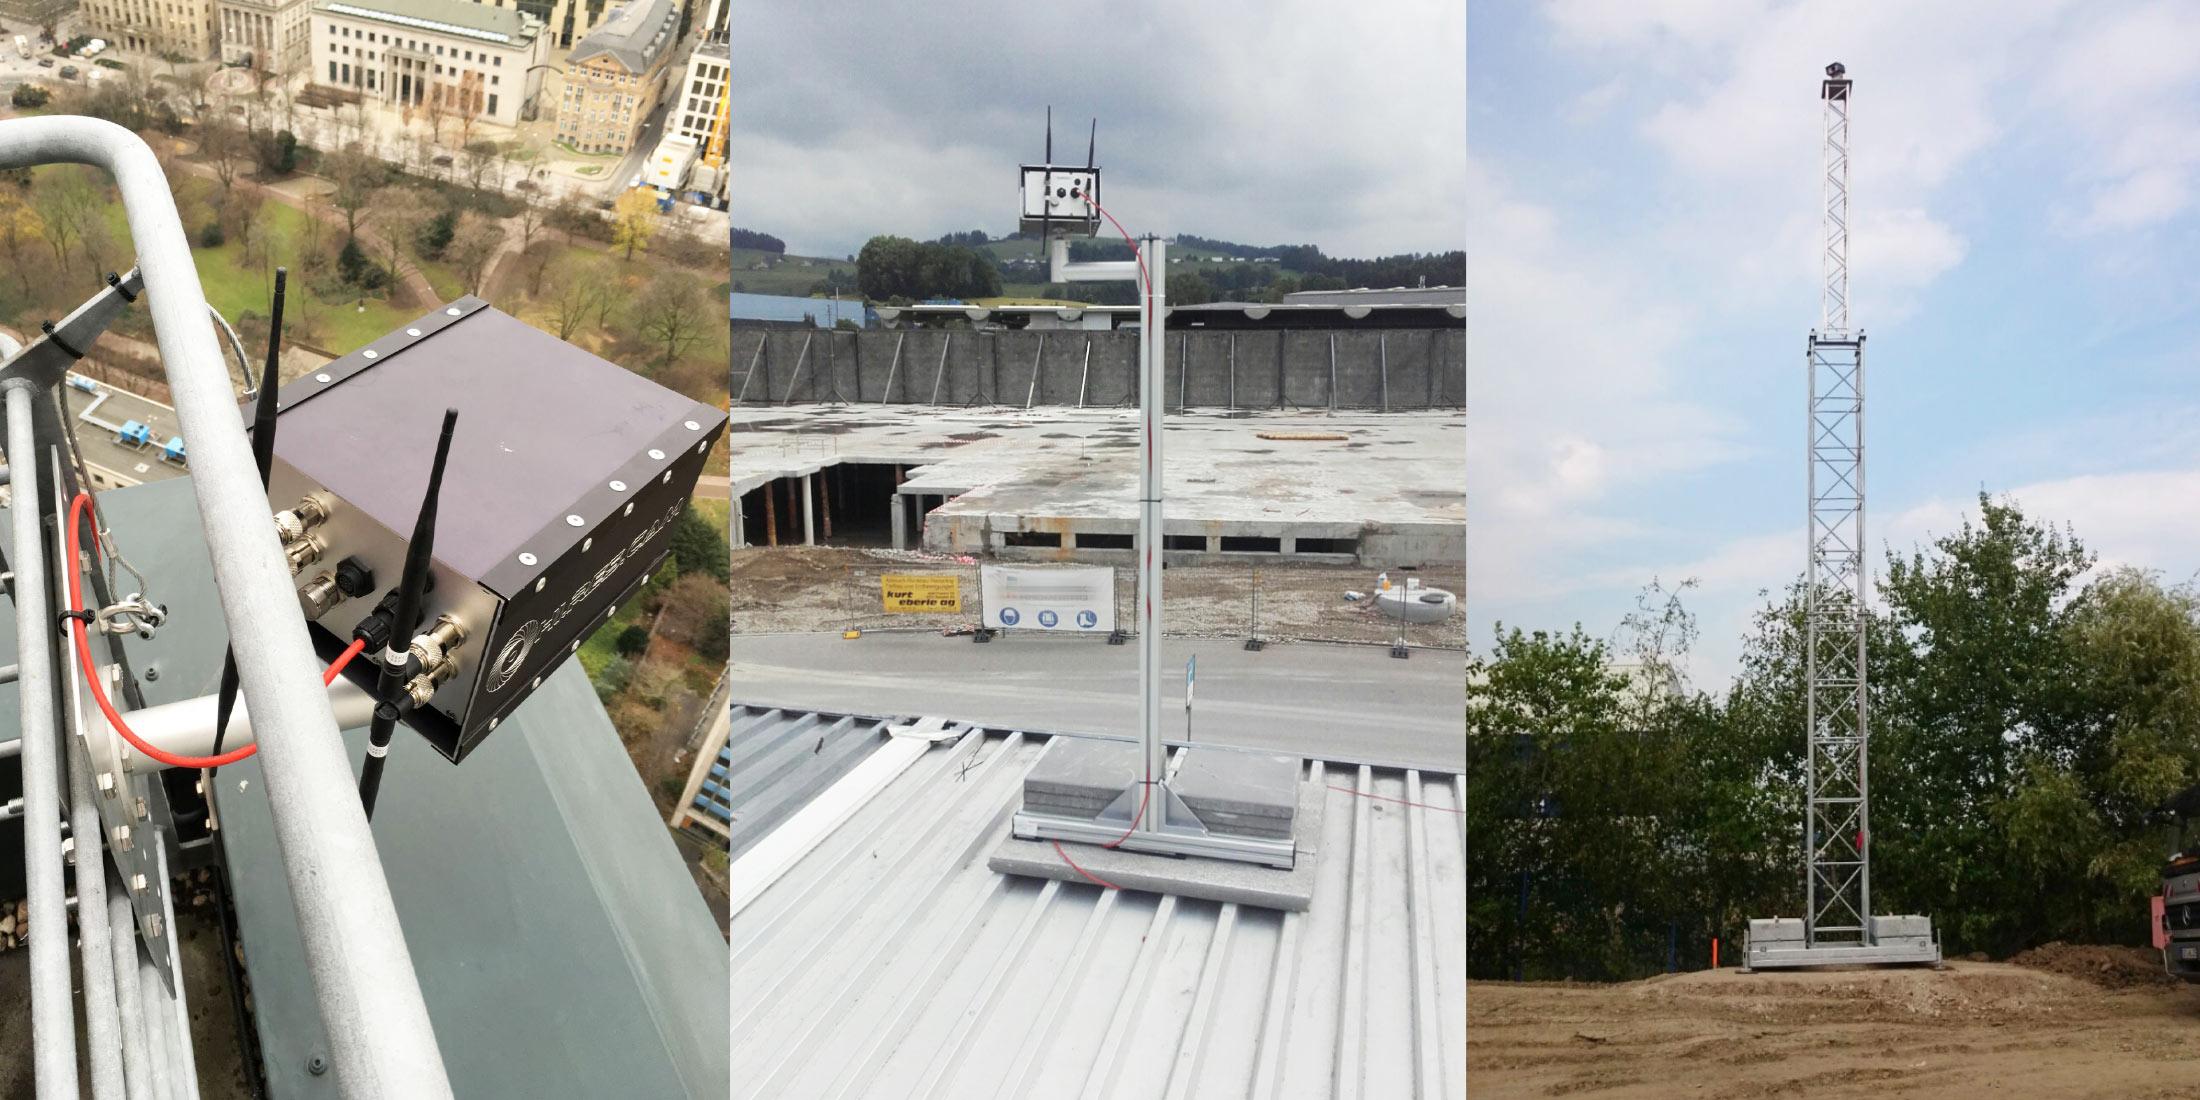 Baustellen-Kamera Halterungen - Webcam-Halterung - Baustellencam Wandhalterung - Webcam am Mast - Baustellencam auf Dach - Baustellenkamera-Installation Beispiele